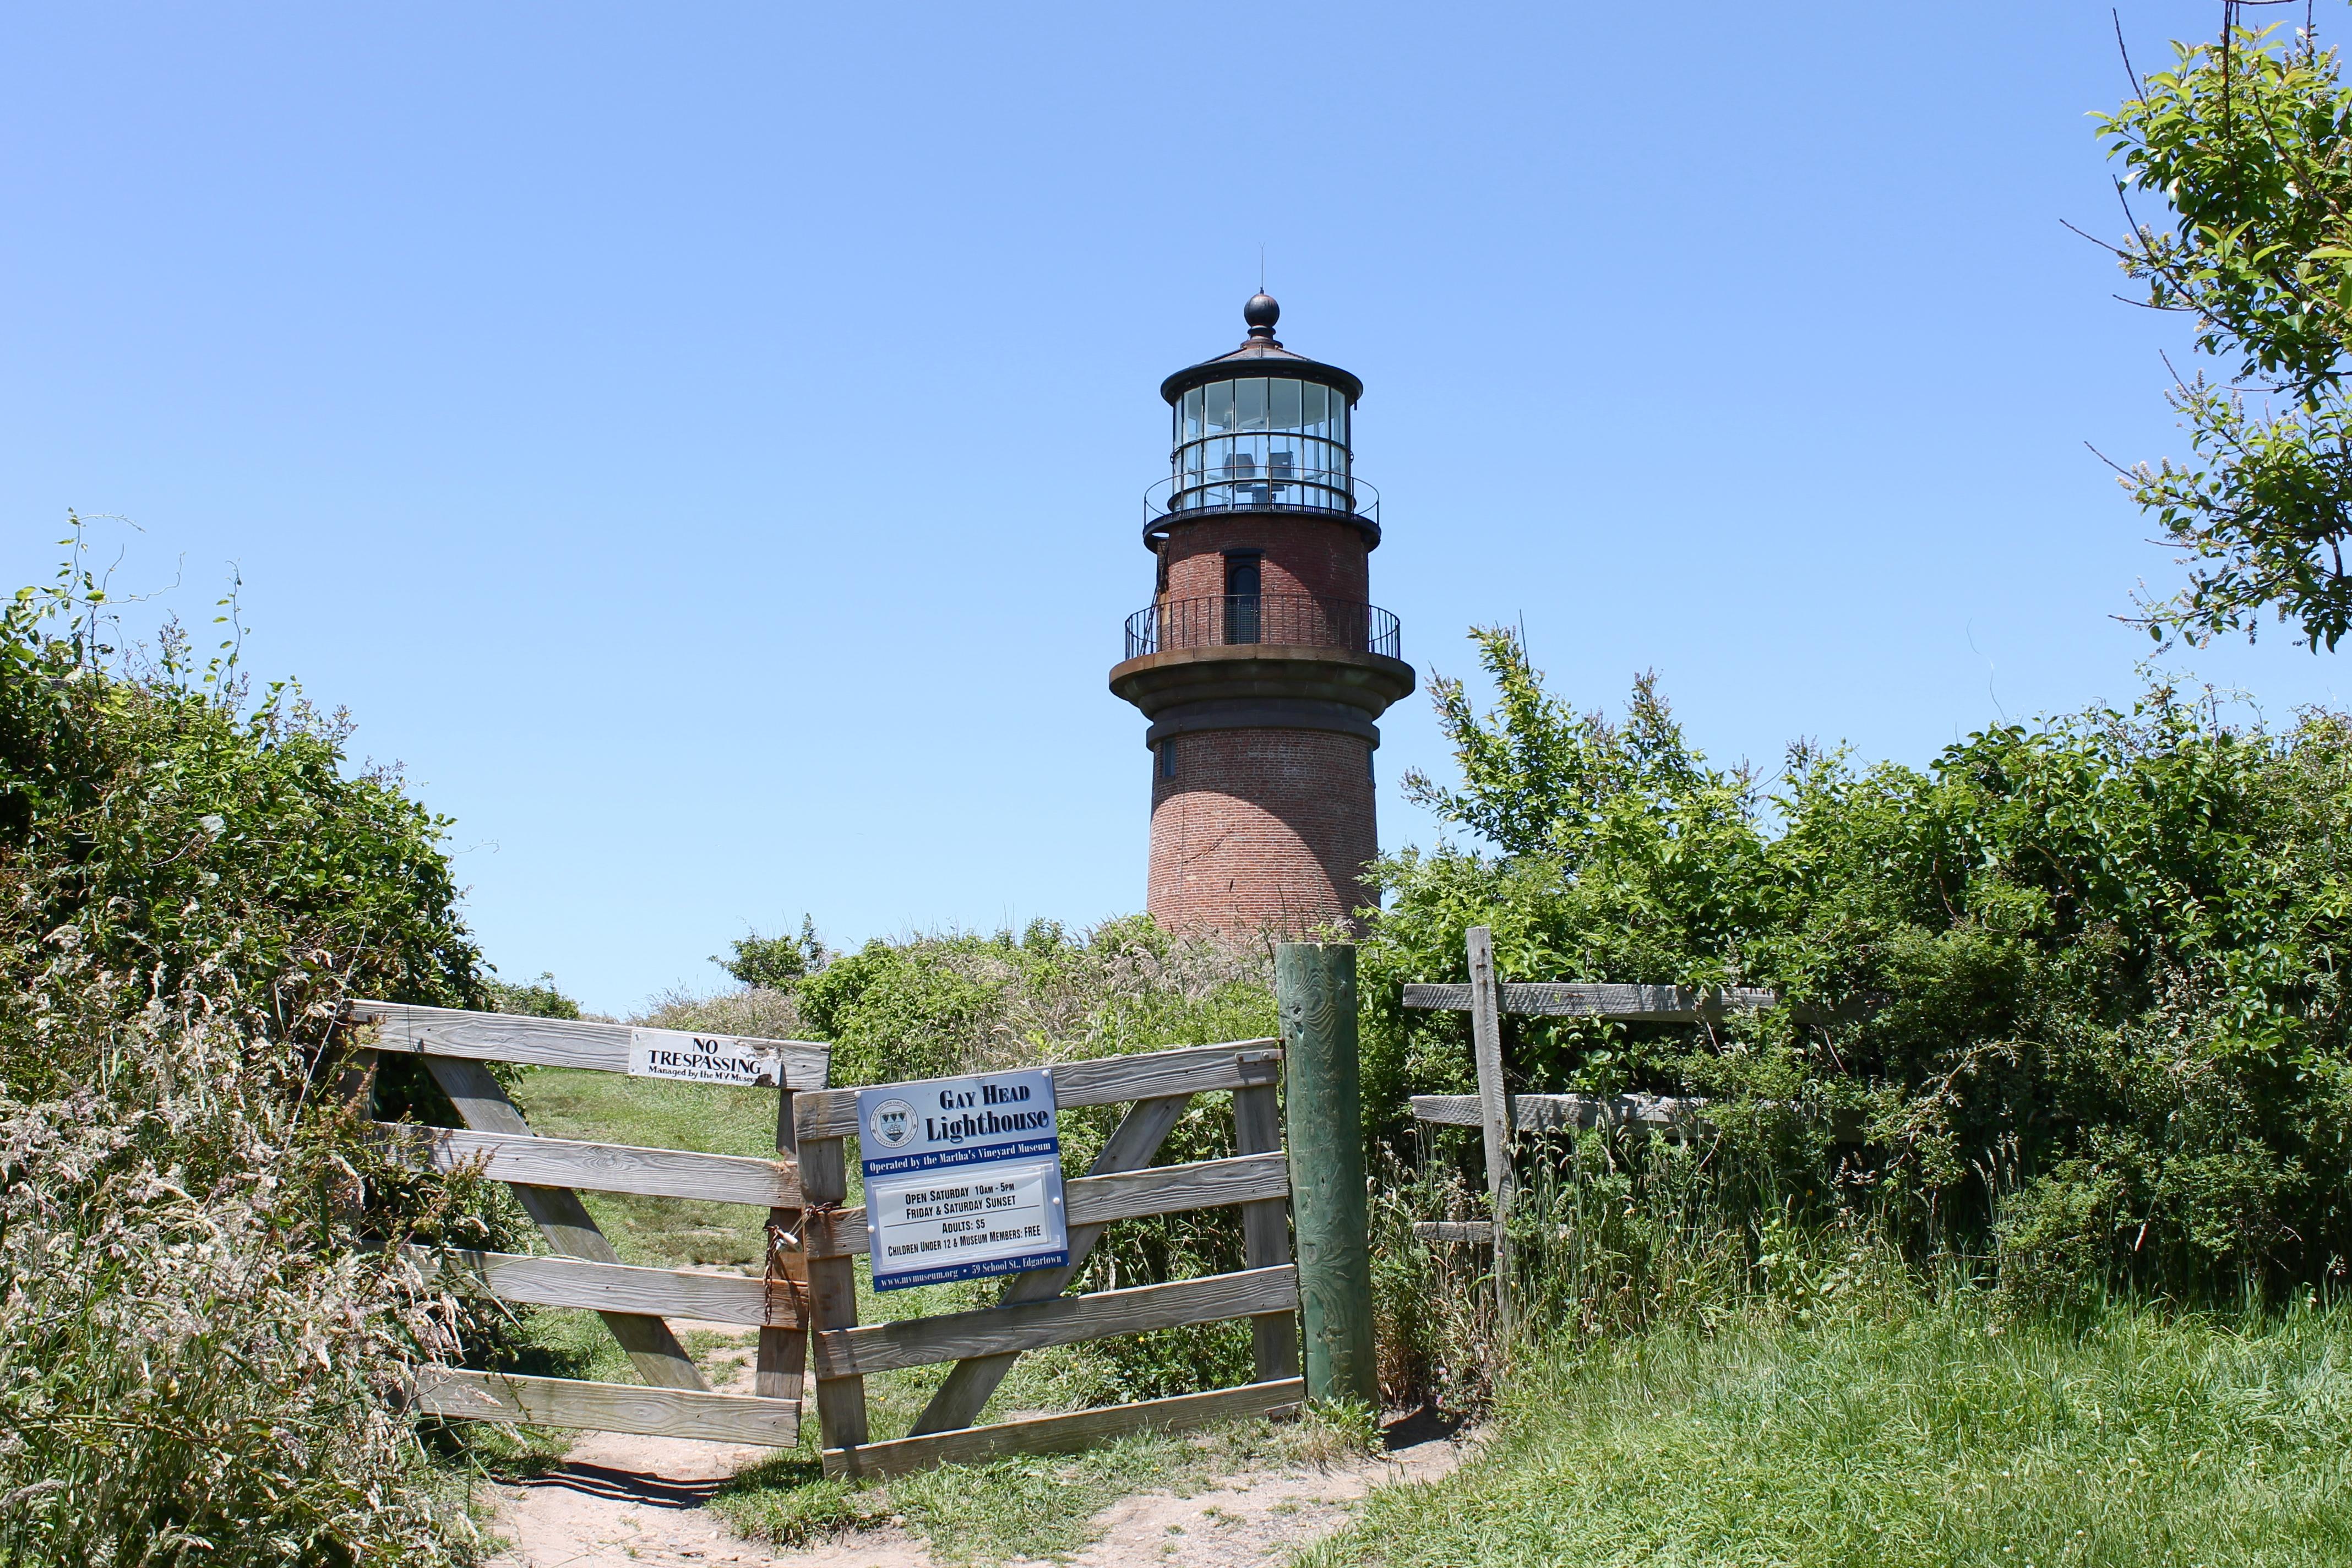 Aquinnah Gays Head Lighthouse